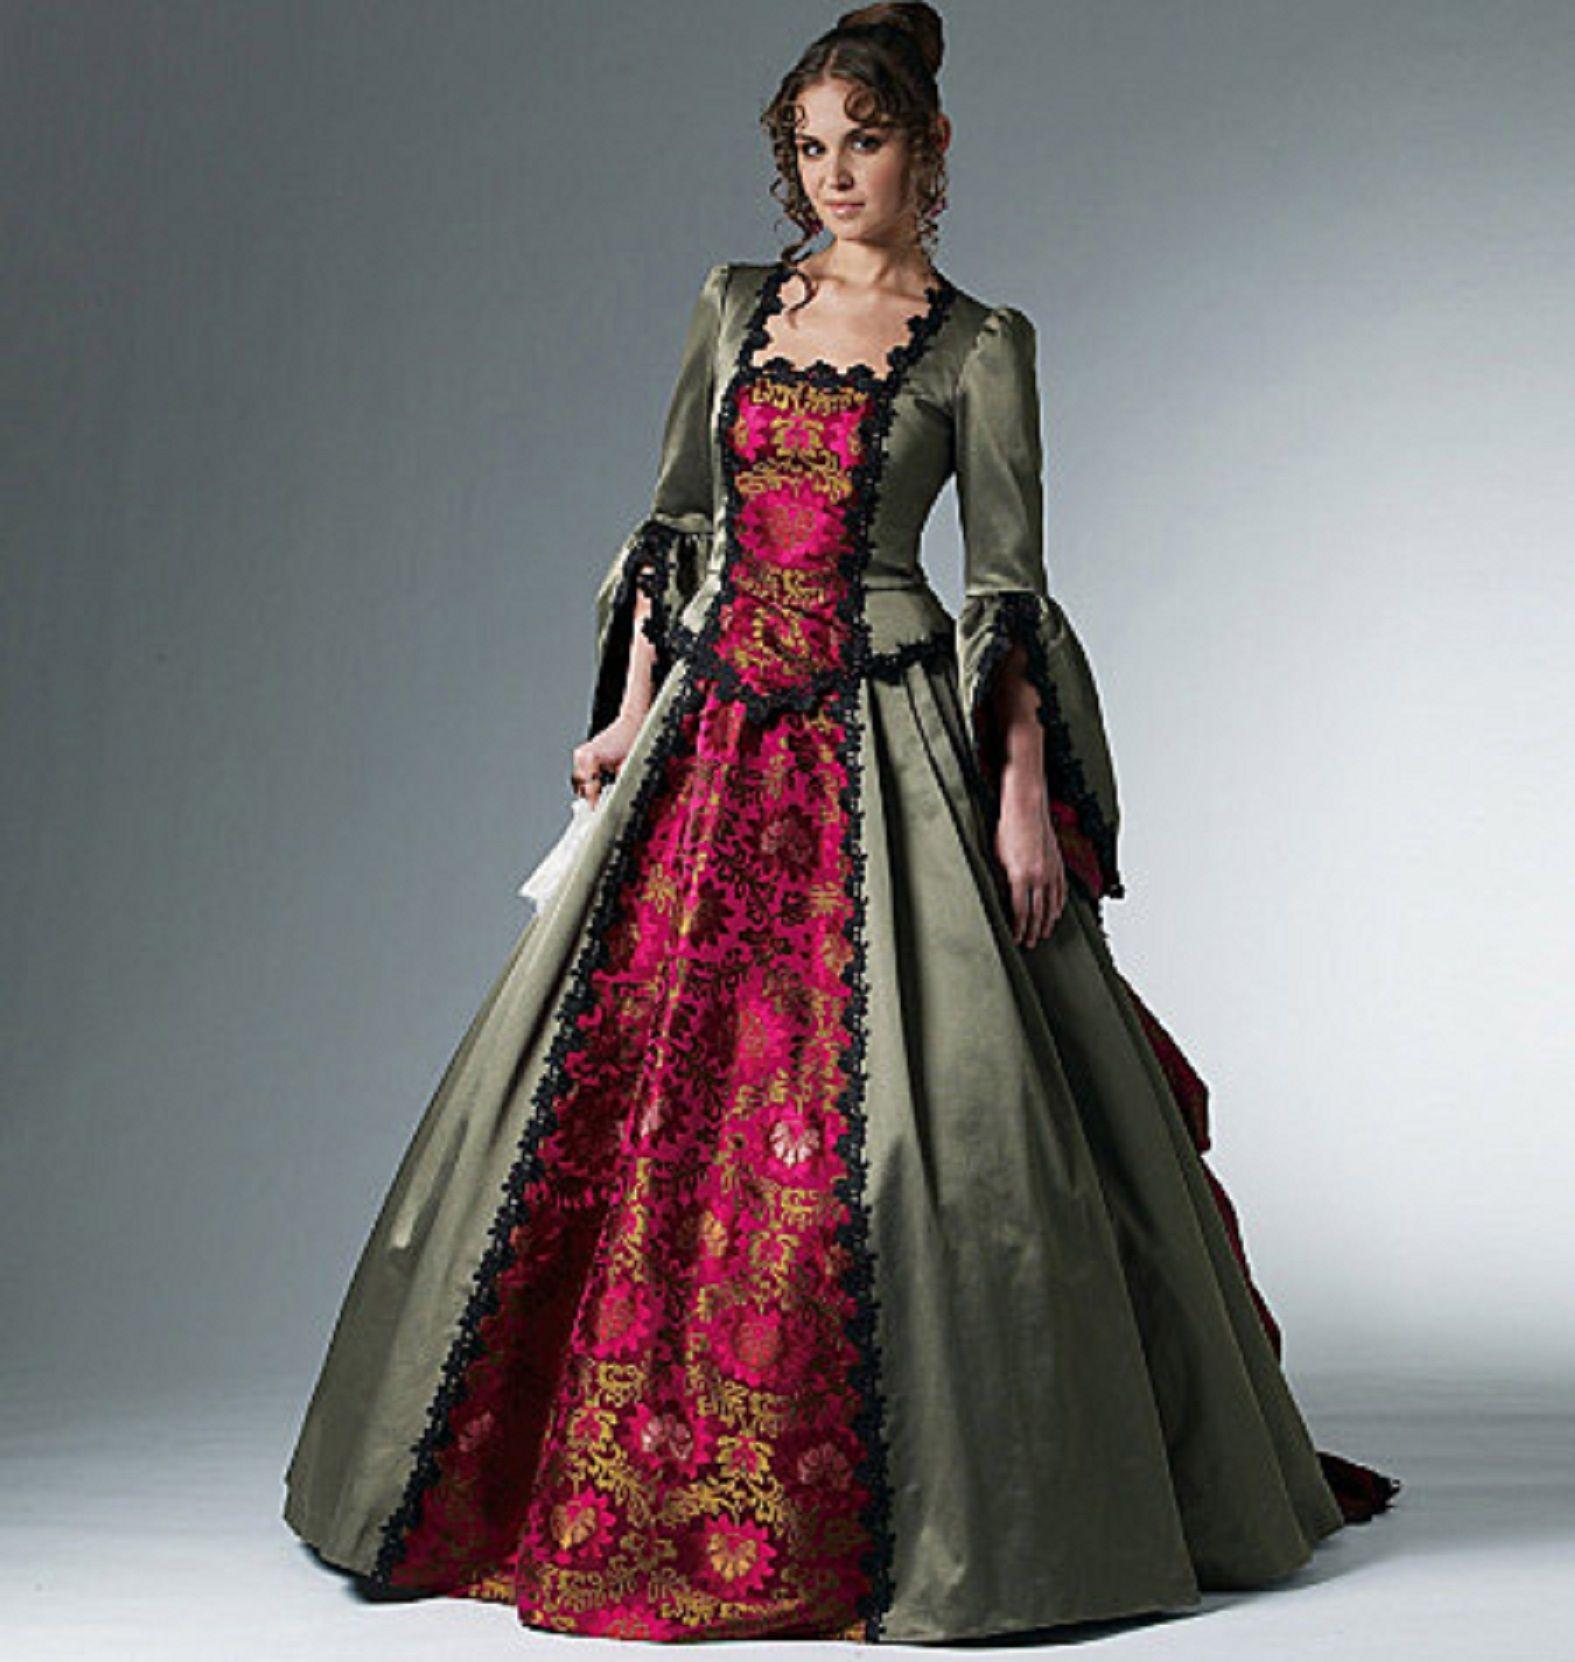 Victorian Era Dresses | Victorian Era Dresses For Women ...